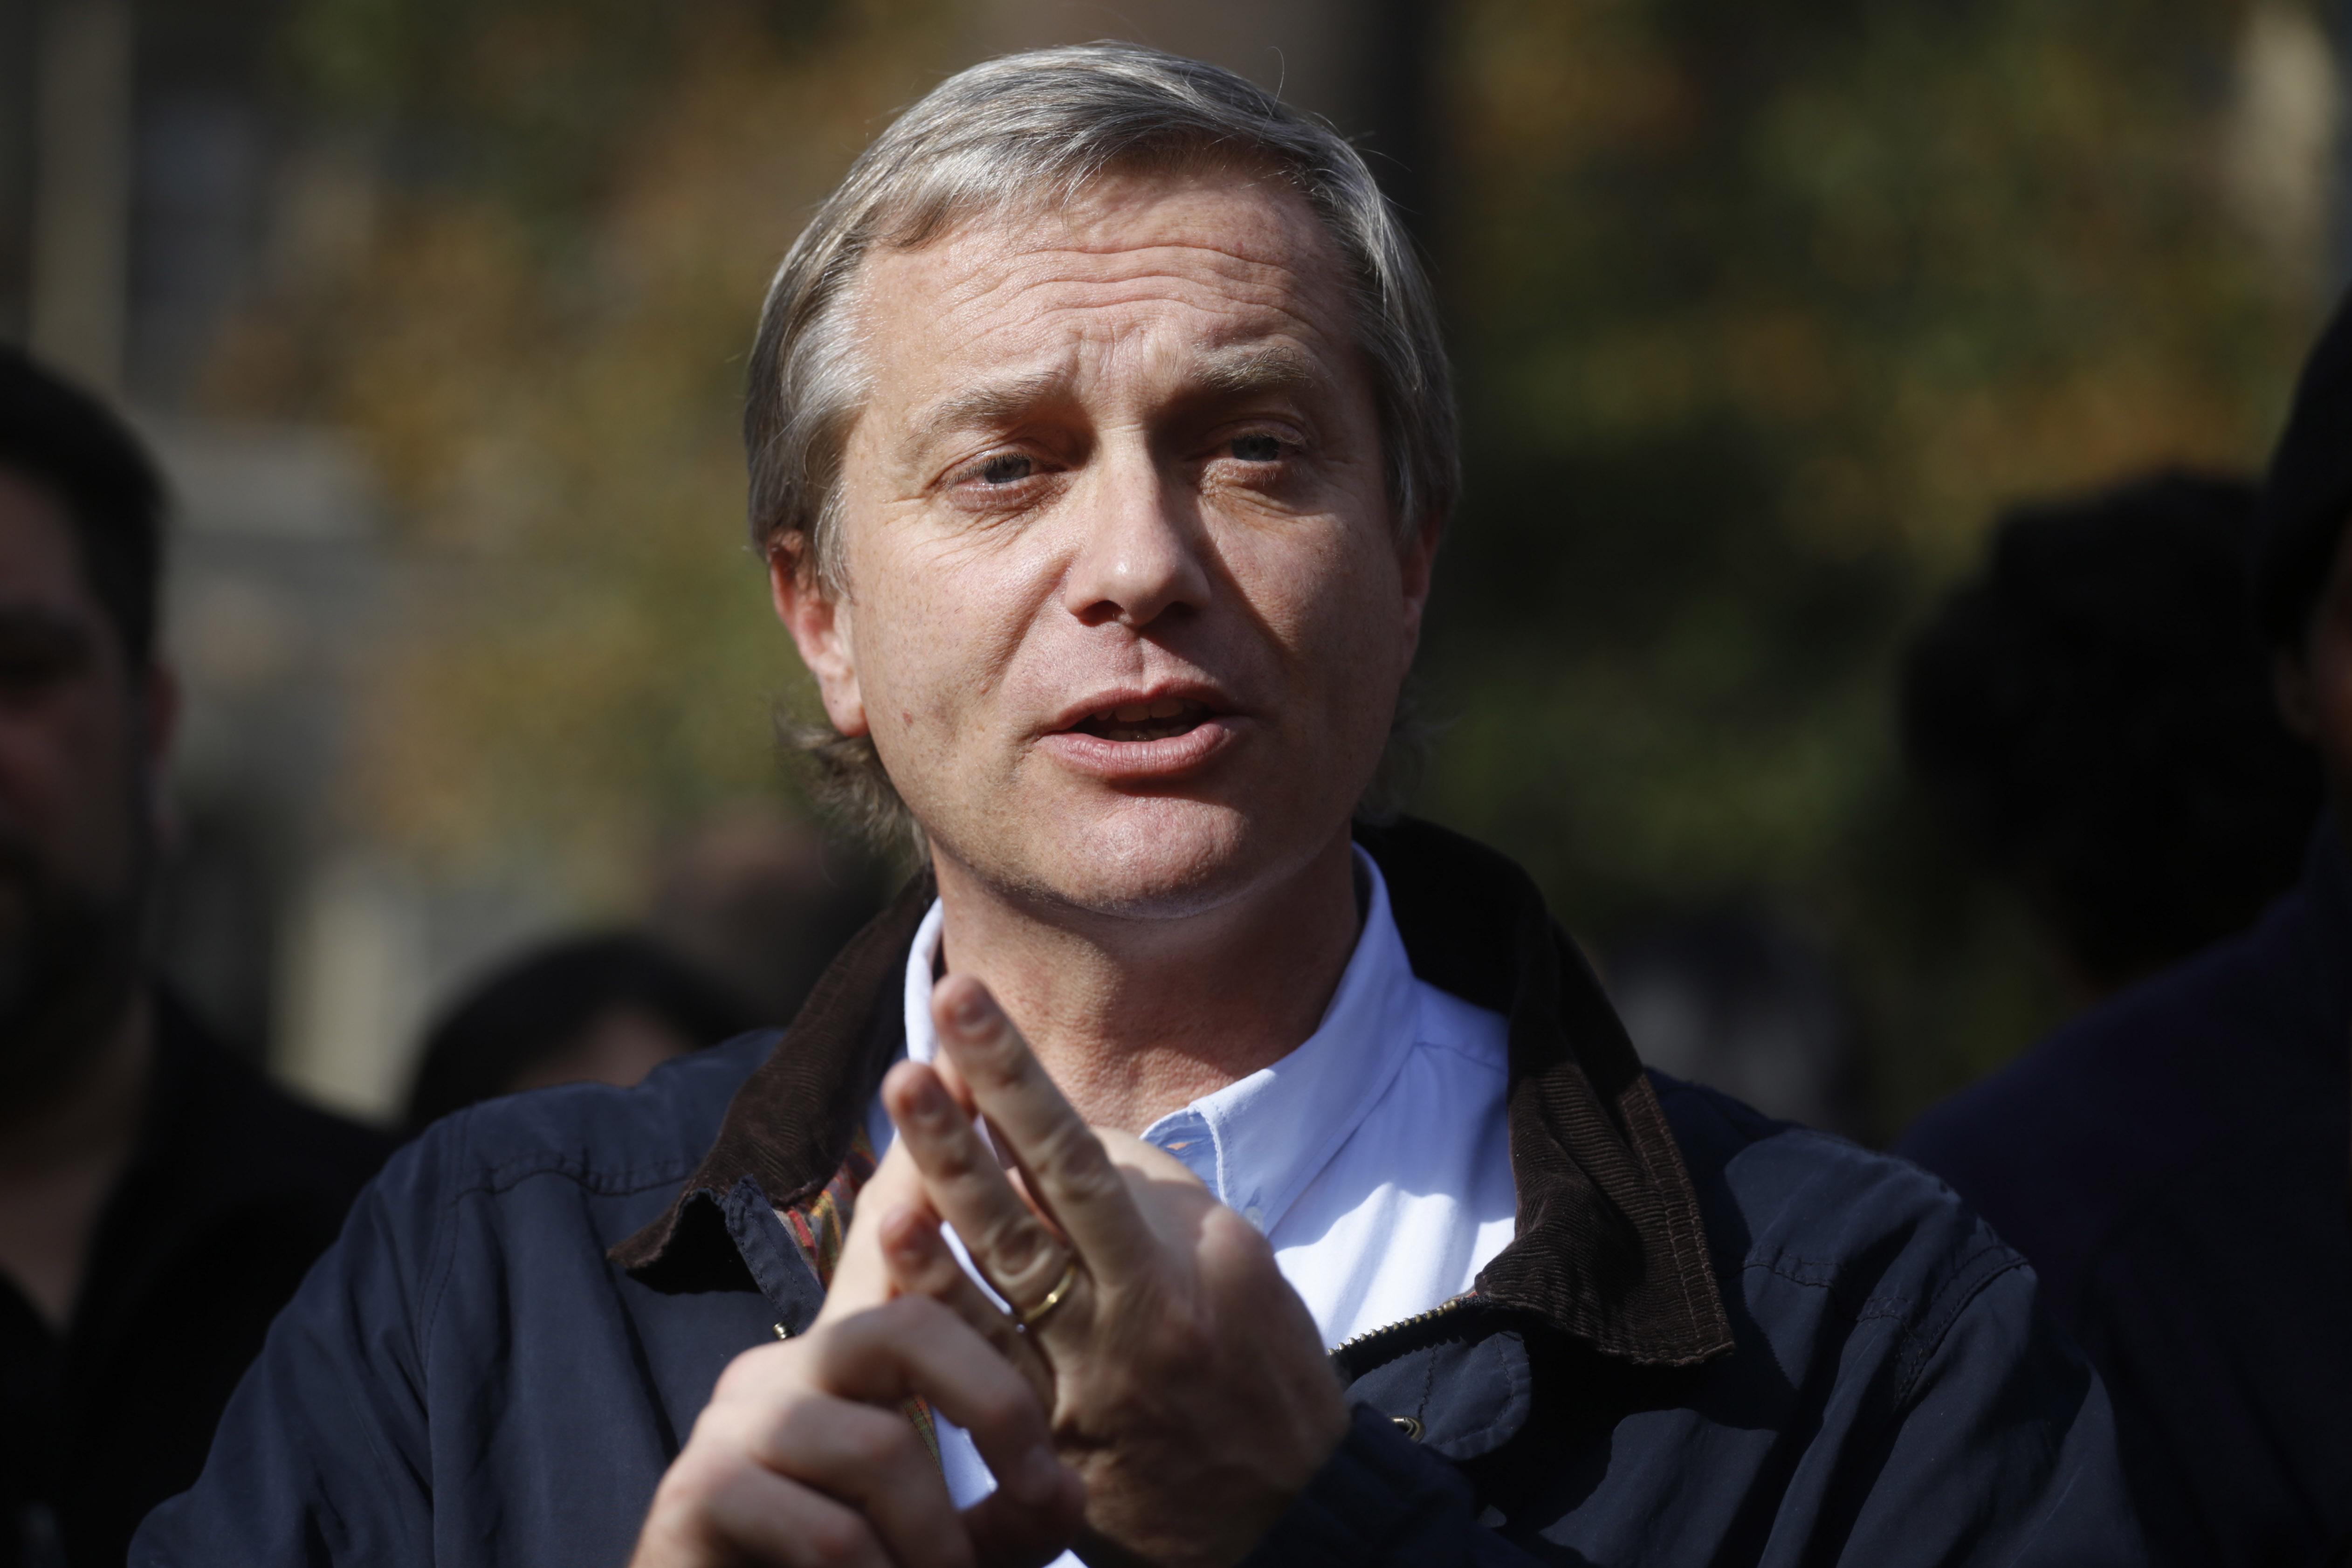 José Antonio Kast quiere profesores de religión obligatorios en colegios públicos